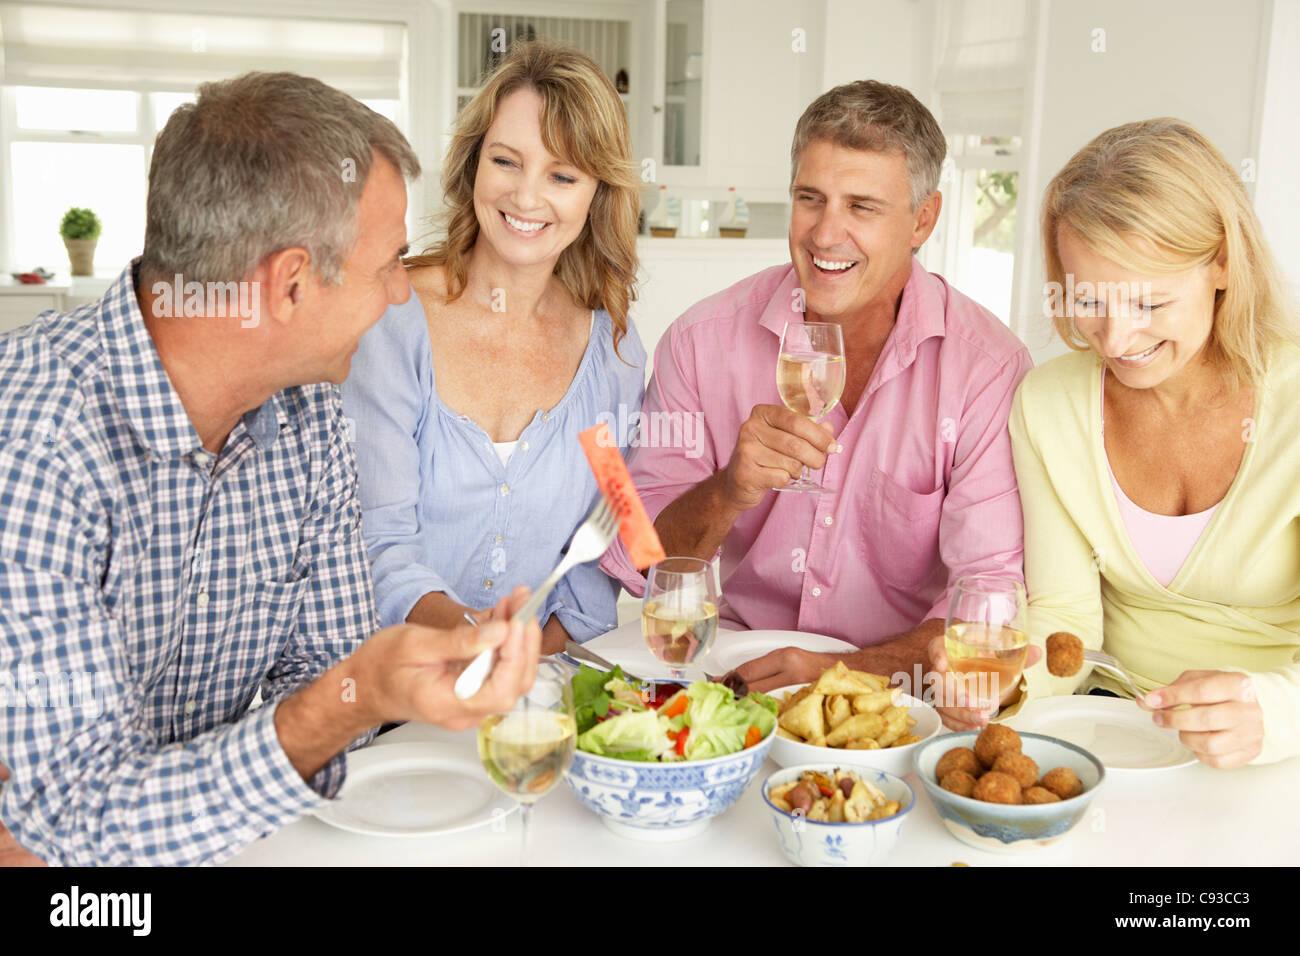 Las parejas de mediana edad disfrutando de comida en casa Foto de stock